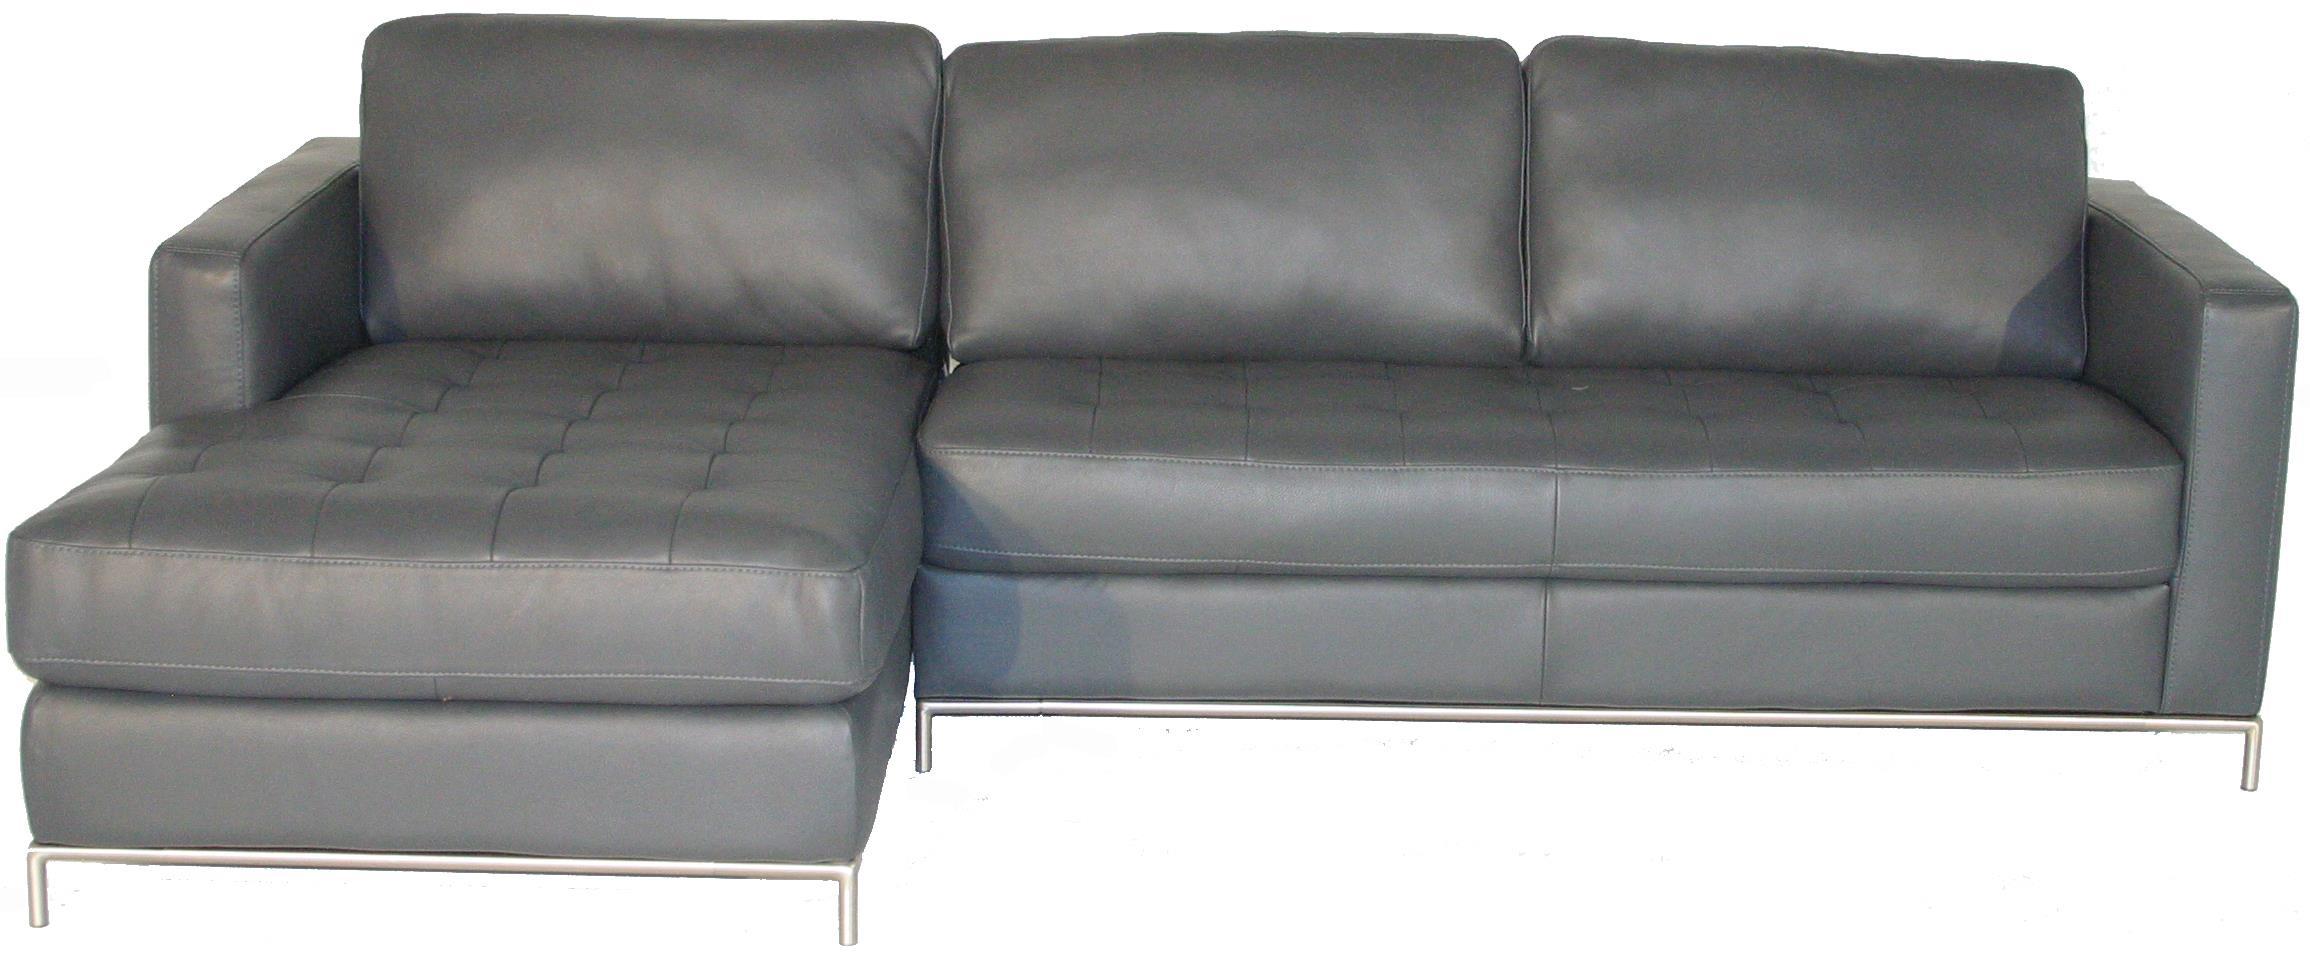 Natuzzi Editions B8052 Pc Sectional Sofa